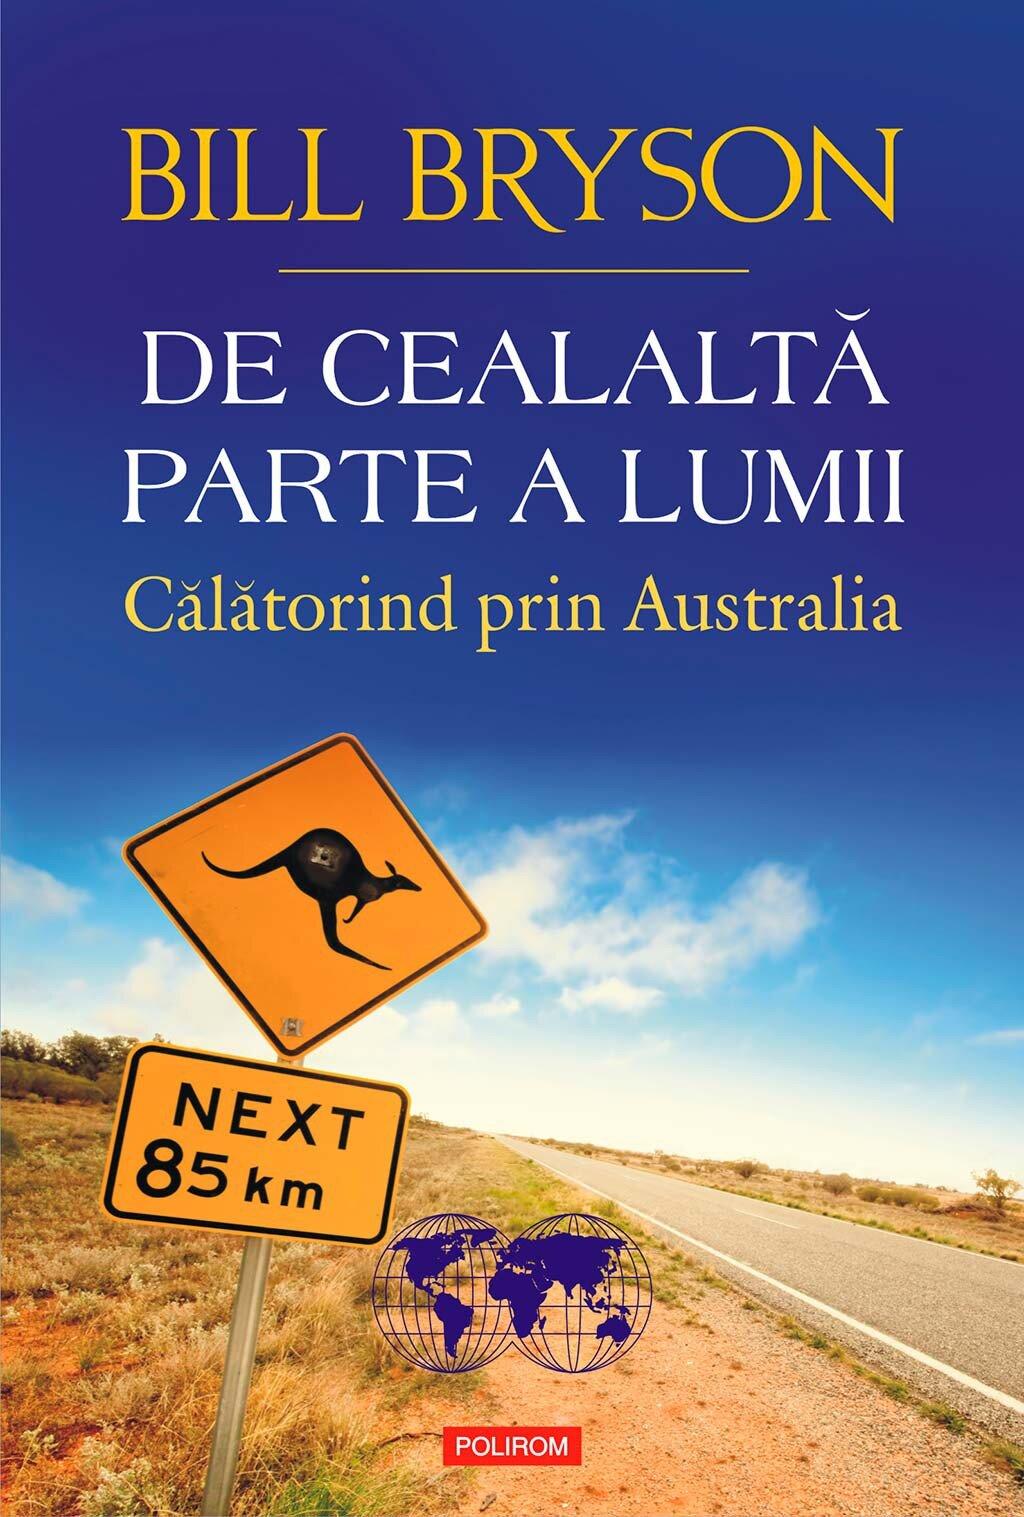 De cealalta parte a lumii. Calatorind prin Australia (eBook)